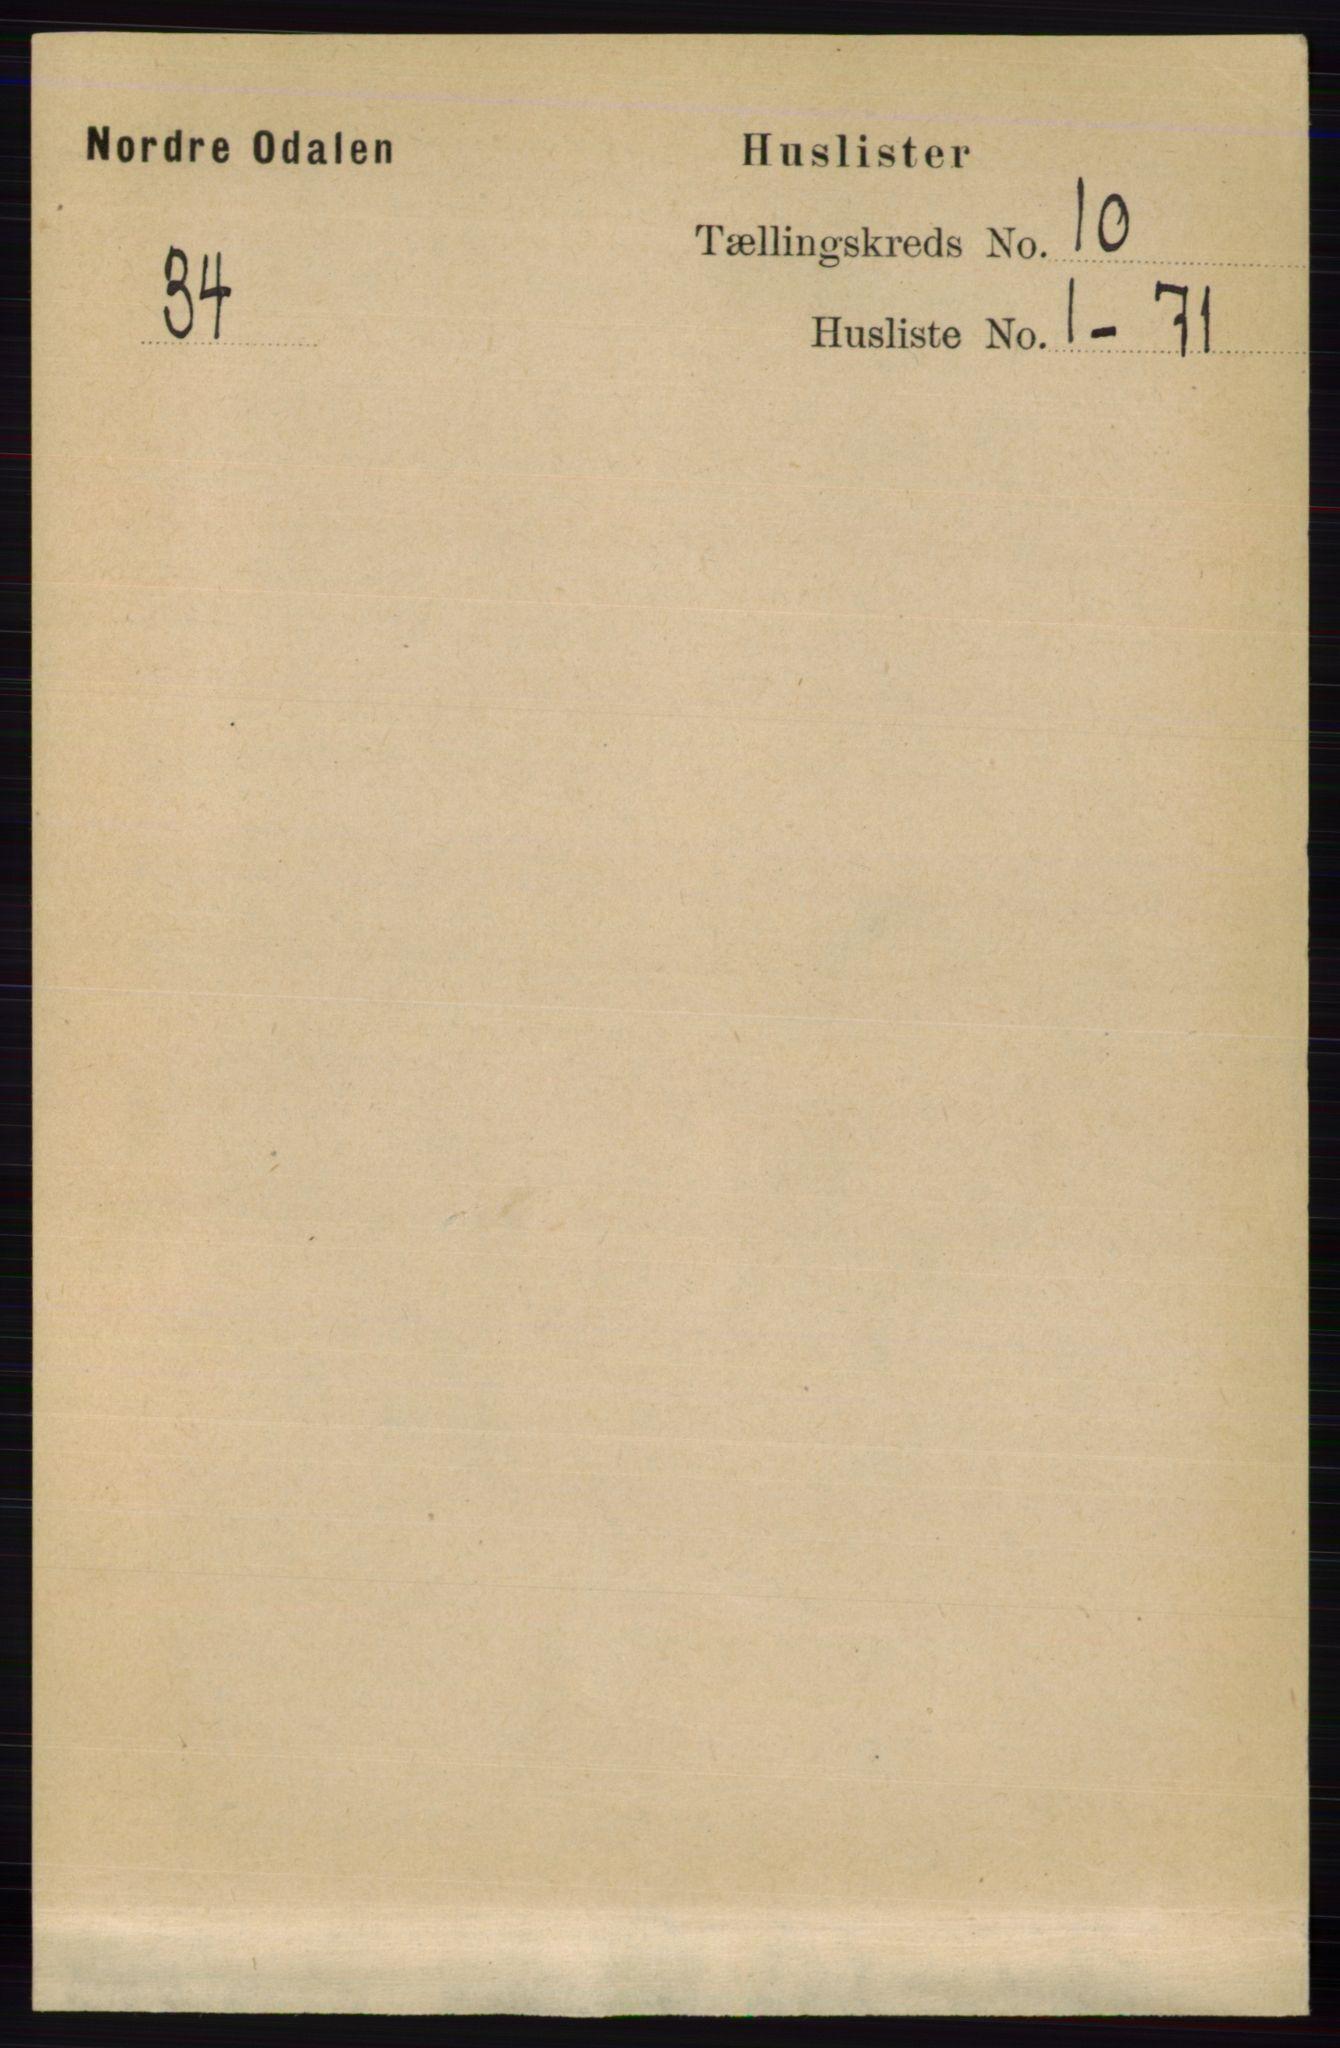 RA, Folketelling 1891 for 0418 Nord-Odal herred, 1891, s. 4435